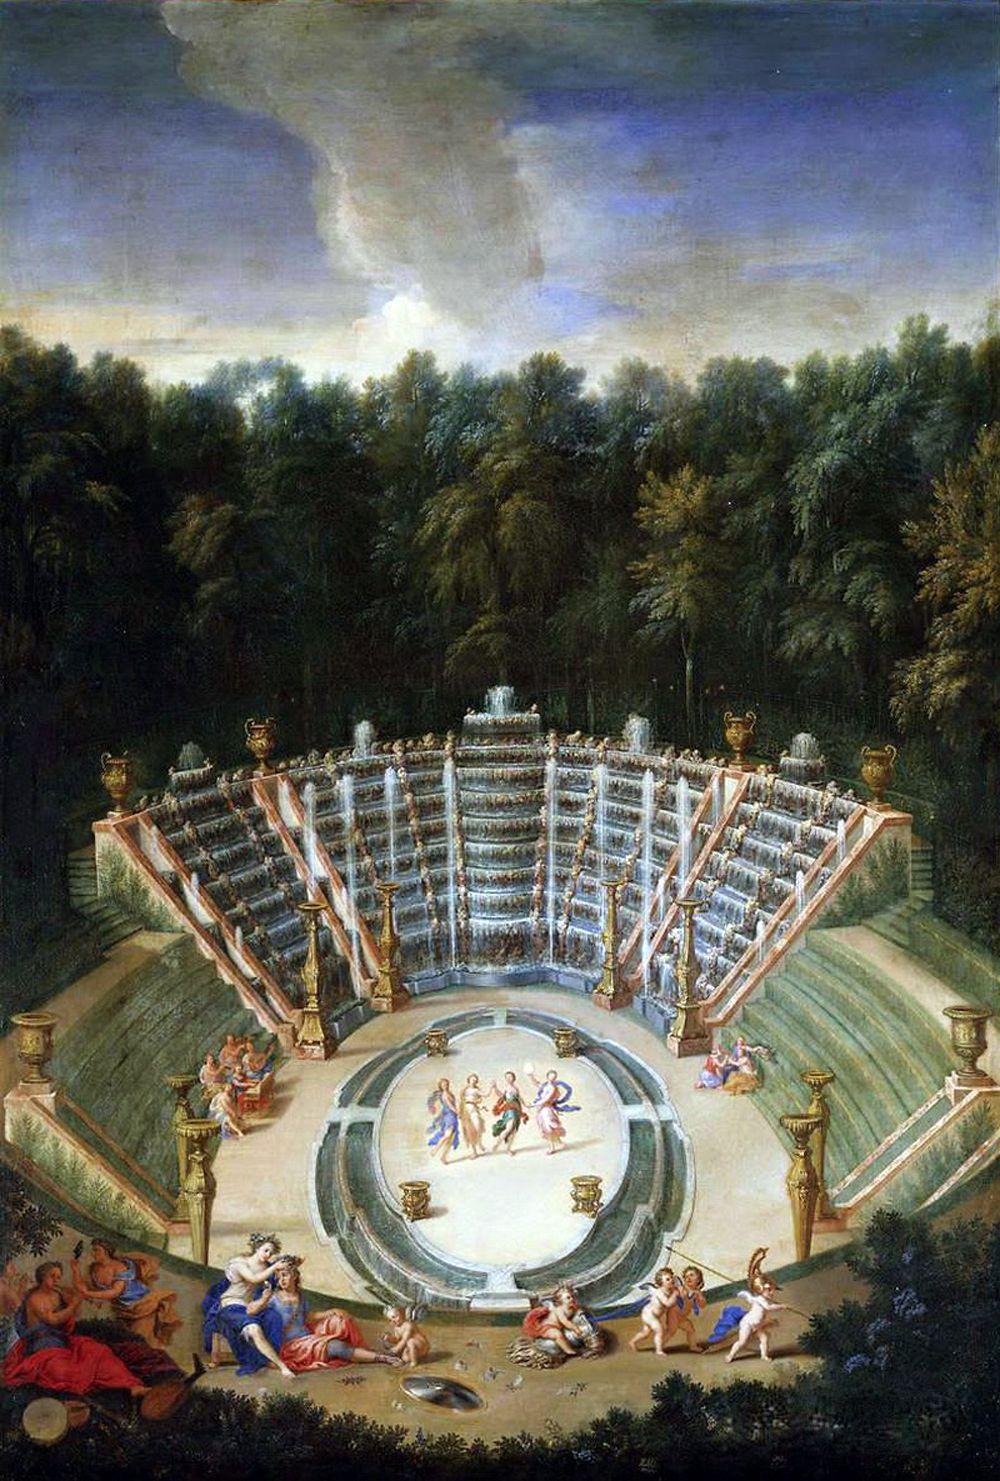 5 Vue de Salle de Bal ou Bosquet des Rocailles dans les jardins de Versailles de Cotelle Jean, le Jeune.jpg